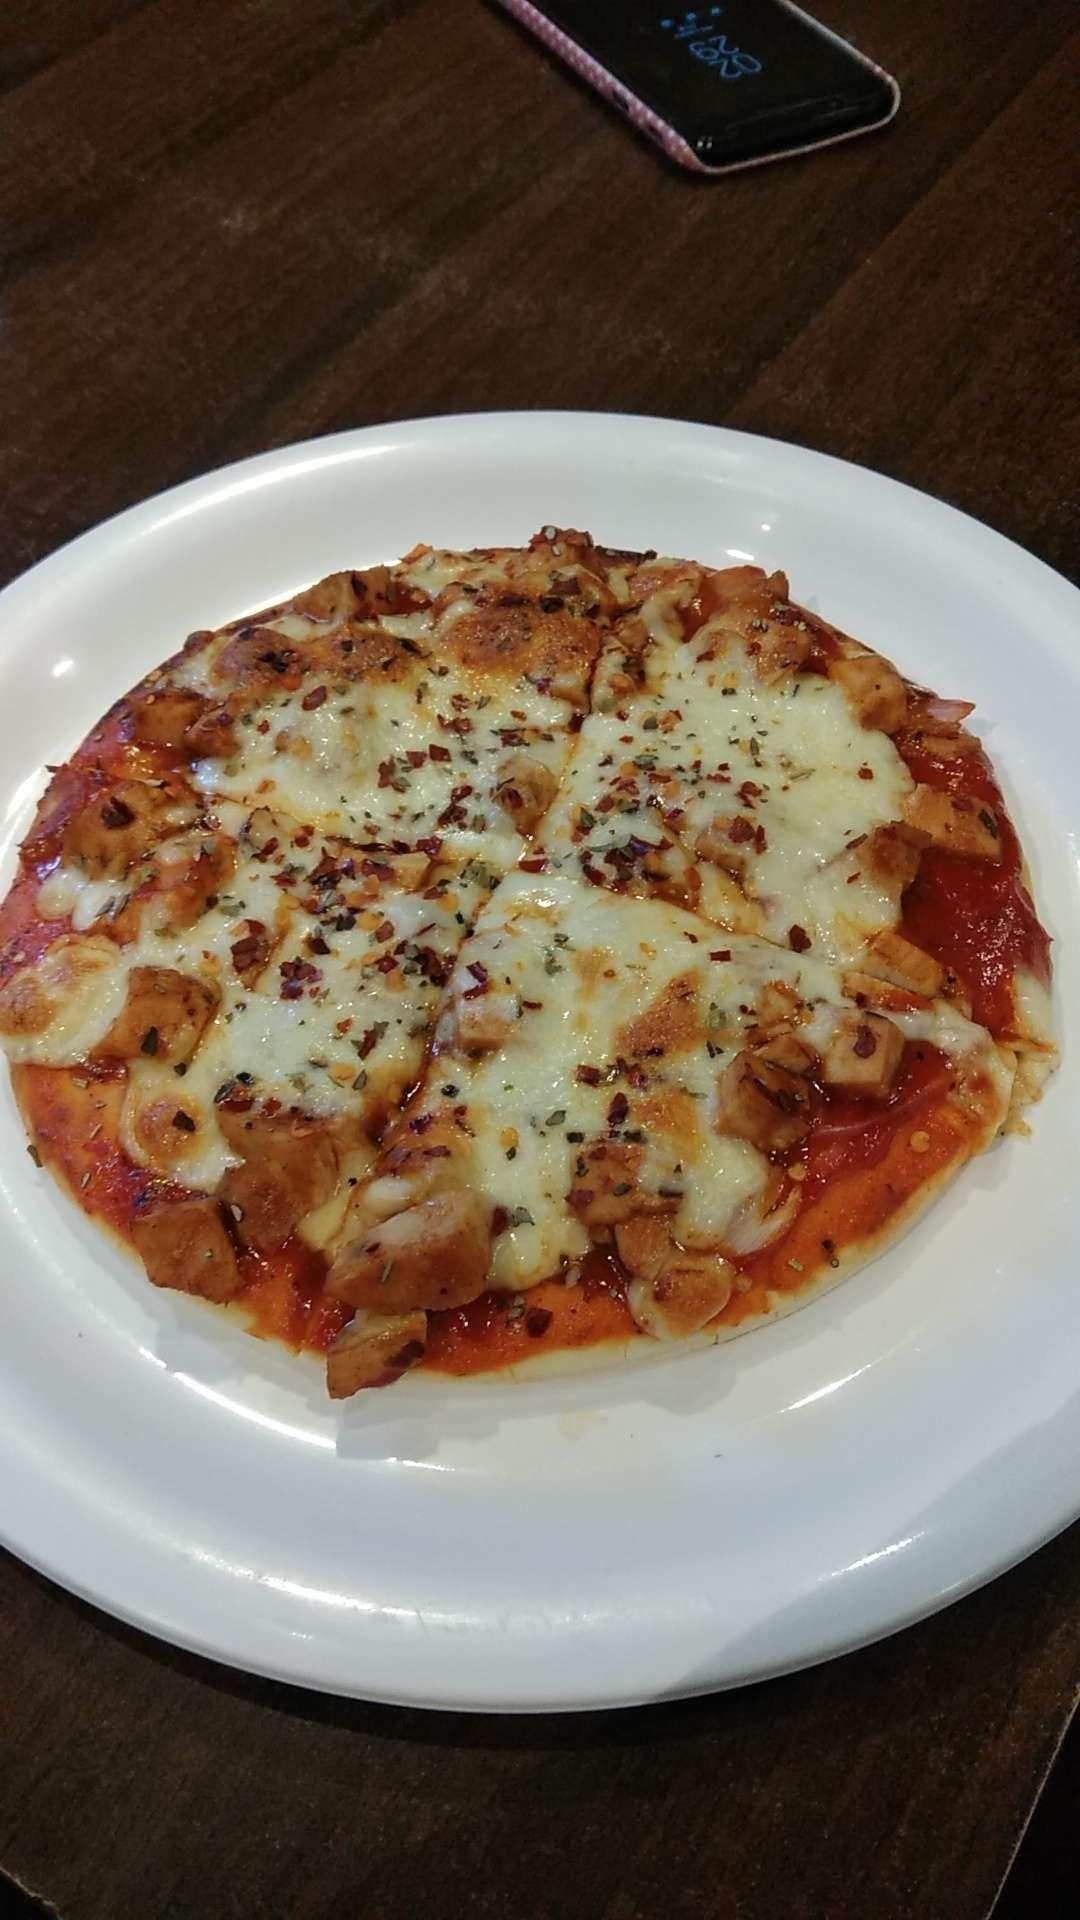 Barbeque Chicken Pizza at Cat Cafe Studio - Zomato